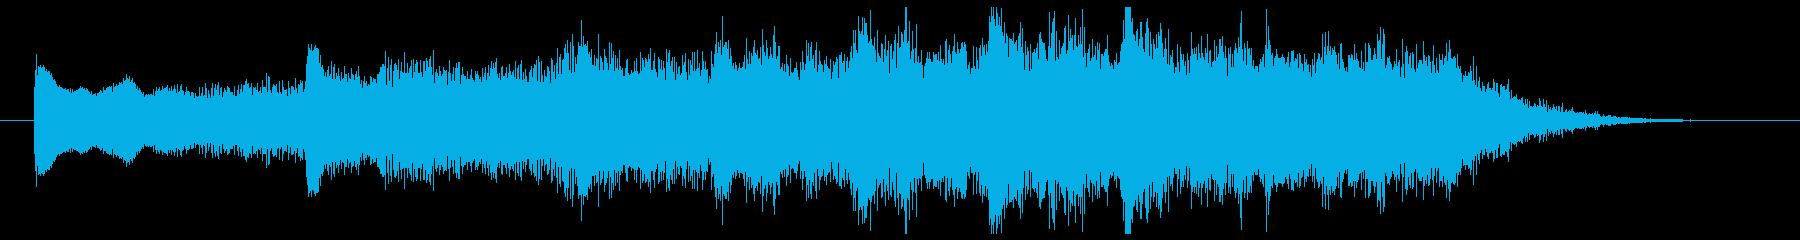 目覚めを思わせるサウンドロゴの再生済みの波形